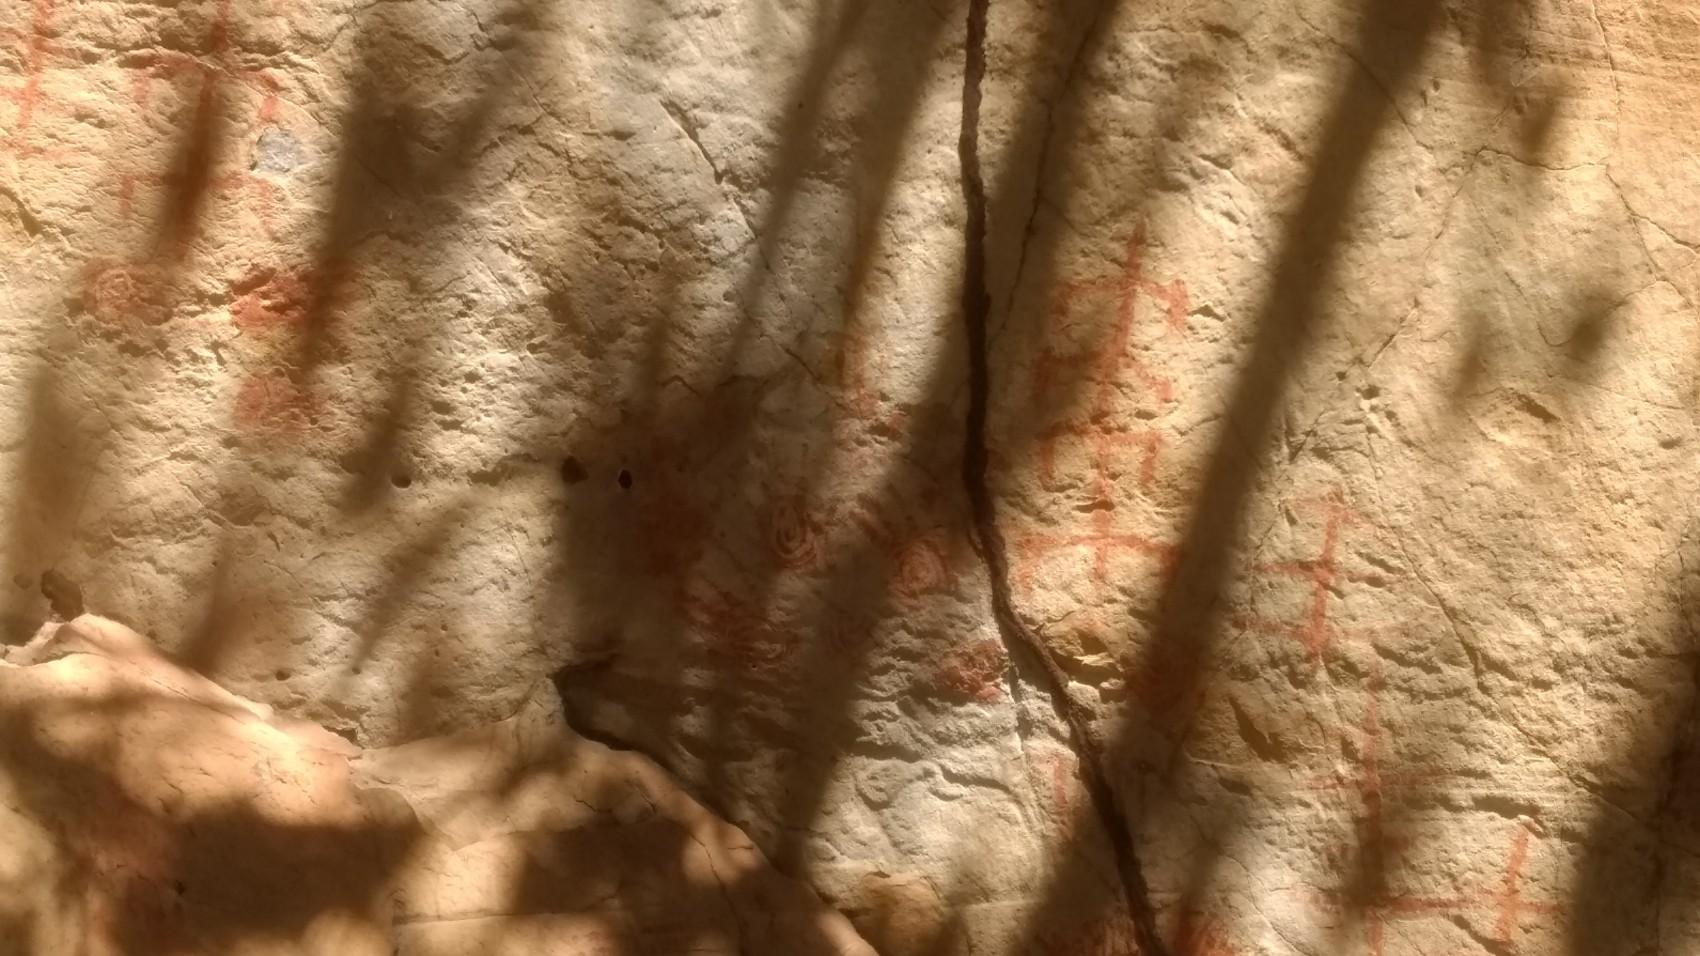 Figura 14 – Pinturas rupestres encontradas ao longo dos arenitos no Parque Nacional de Sete Cidades, em Piripiri (PI). Fonte: Arquivo pessoal.